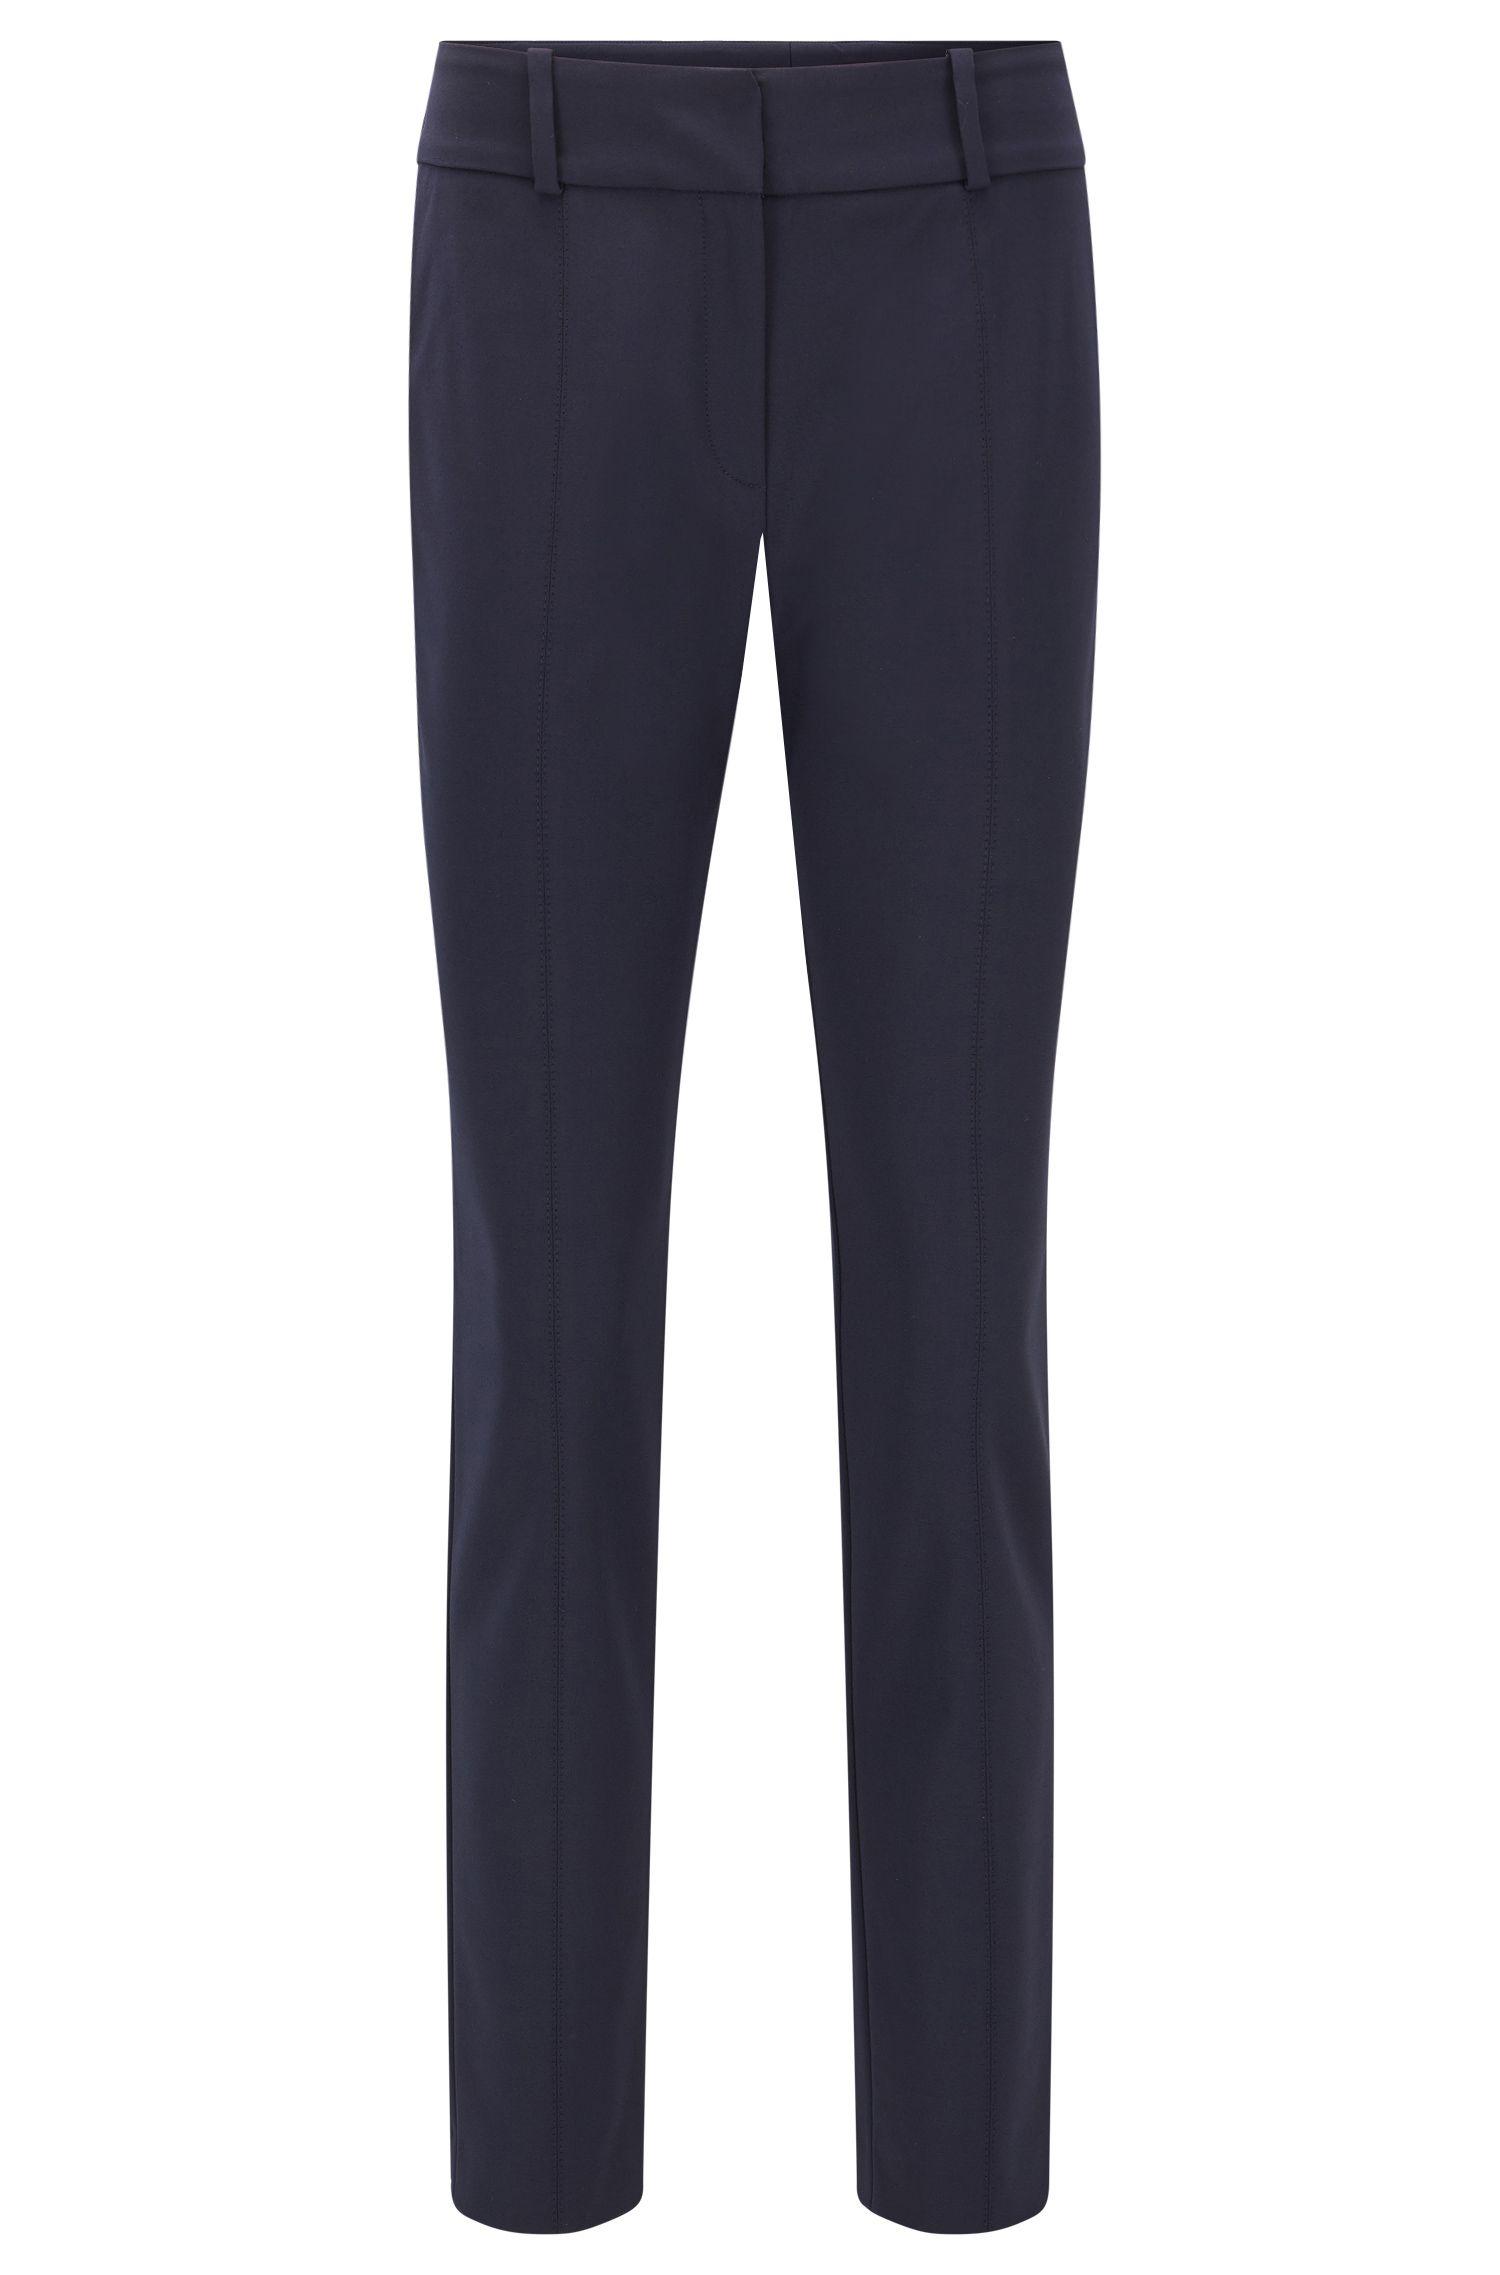 Knitterfreie Slim-Fit Hose aus elastischem Baumwoll-Mix